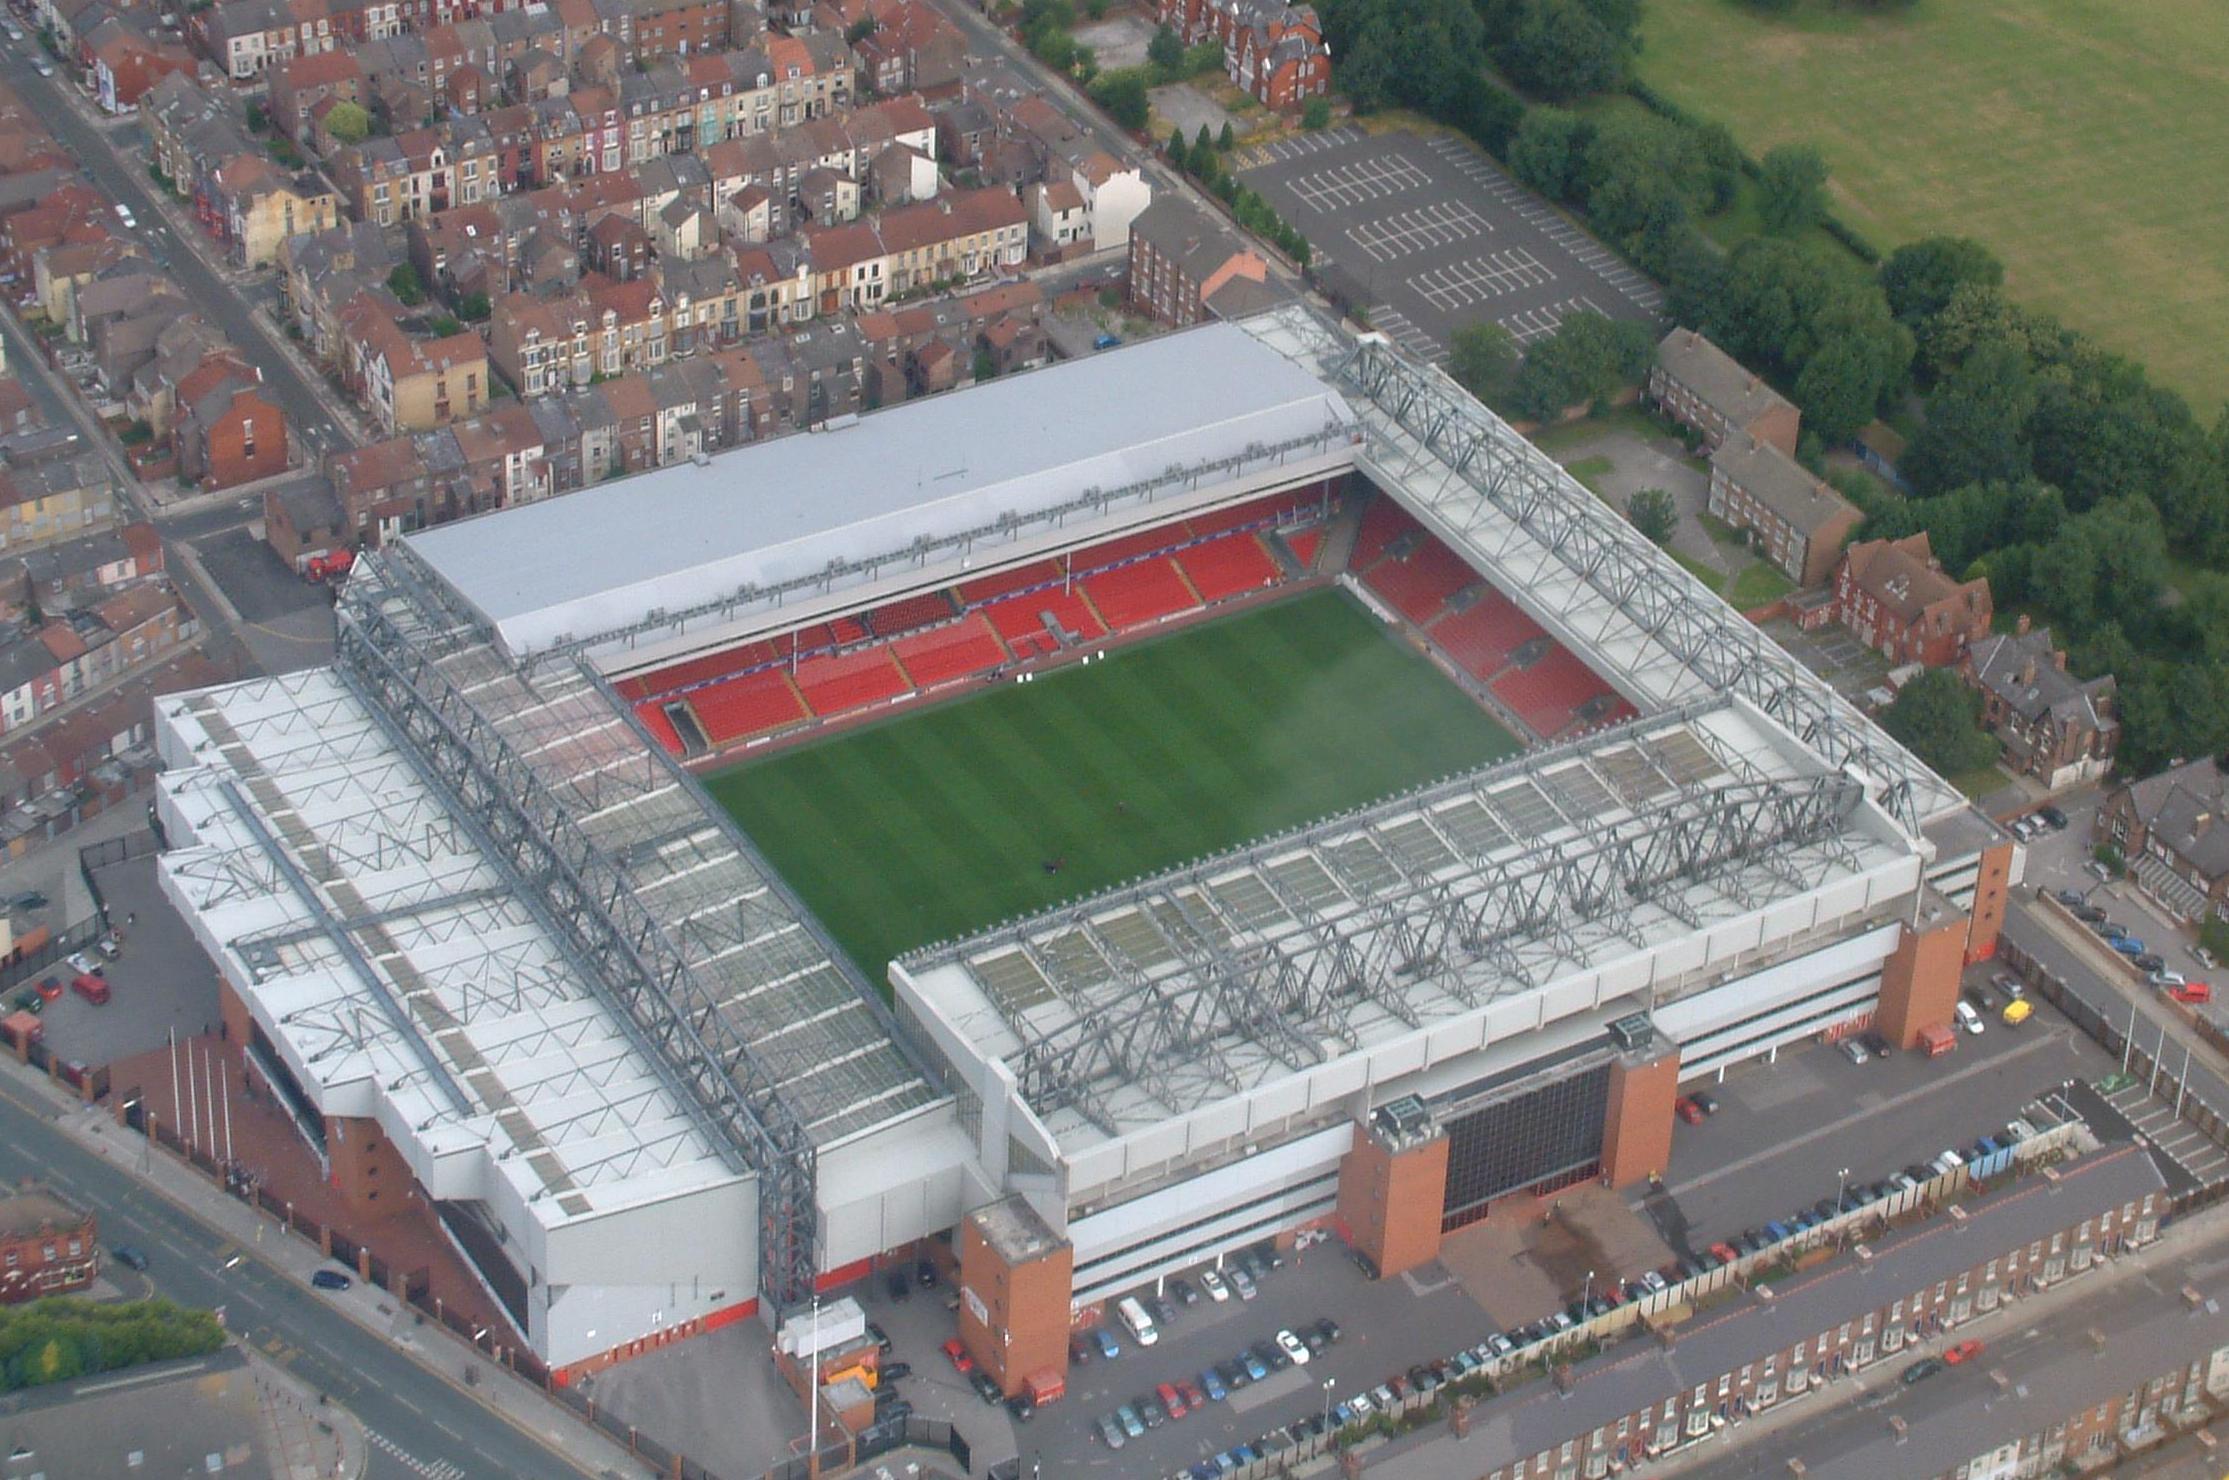 anfield-stadium-2